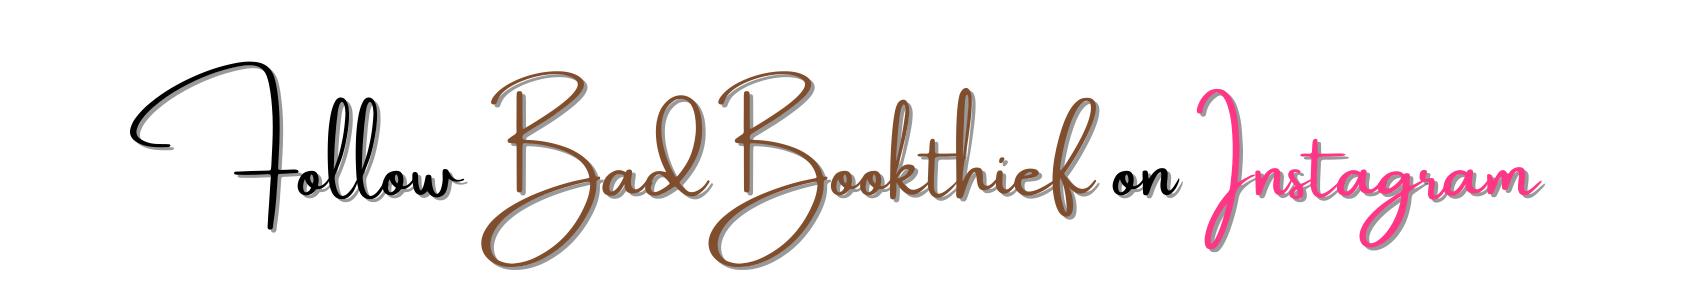 logo header (5)